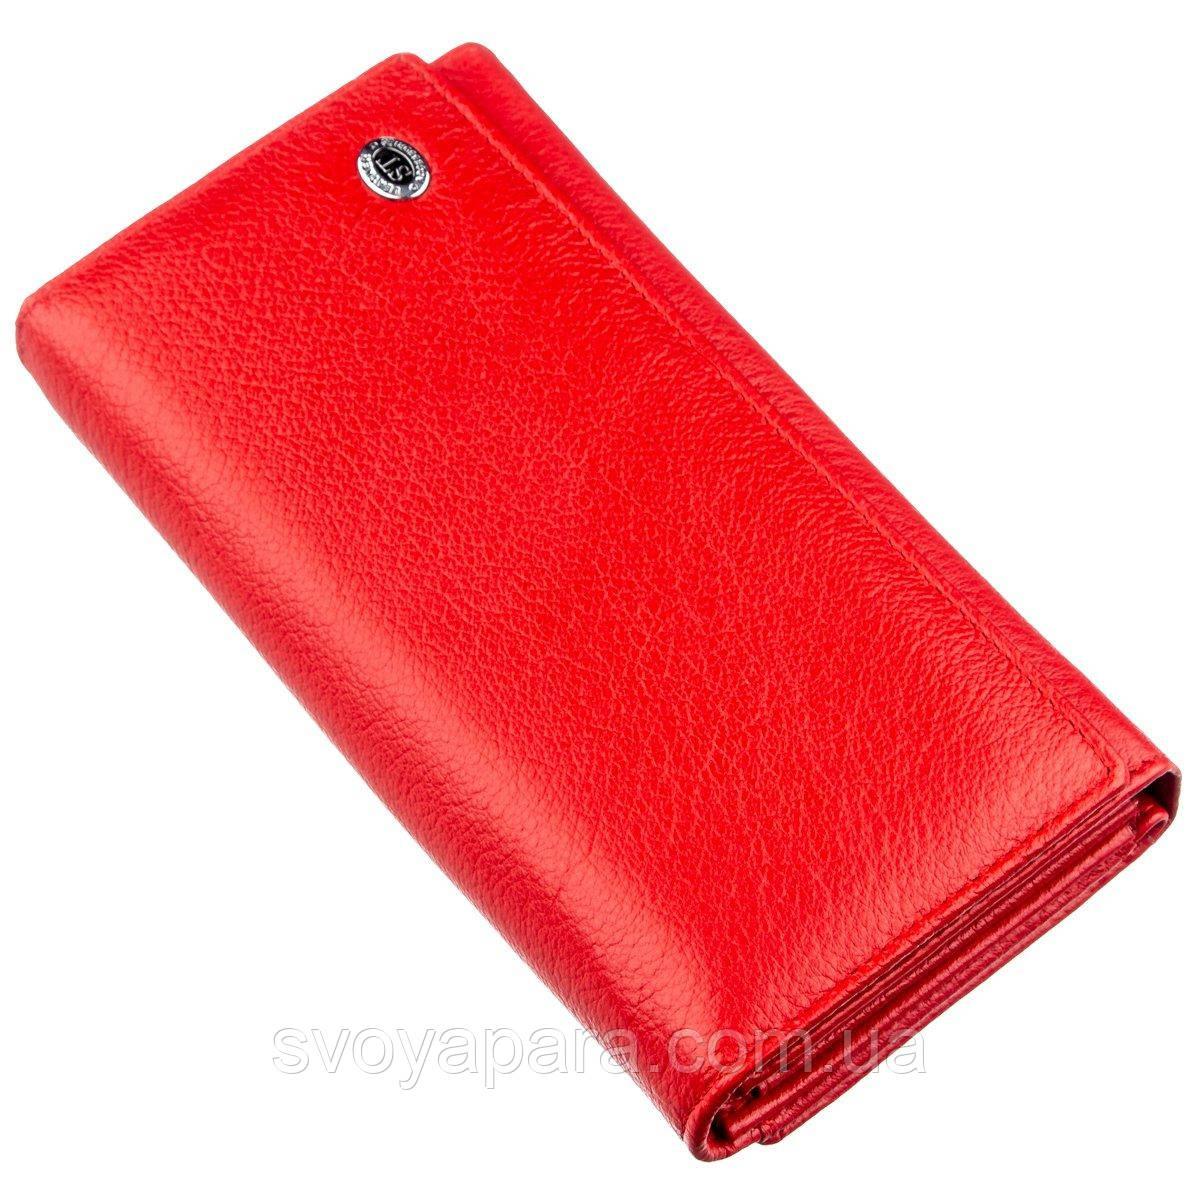 Яркий кошелек для женщин с визитницей ST Leather 18882 Красный